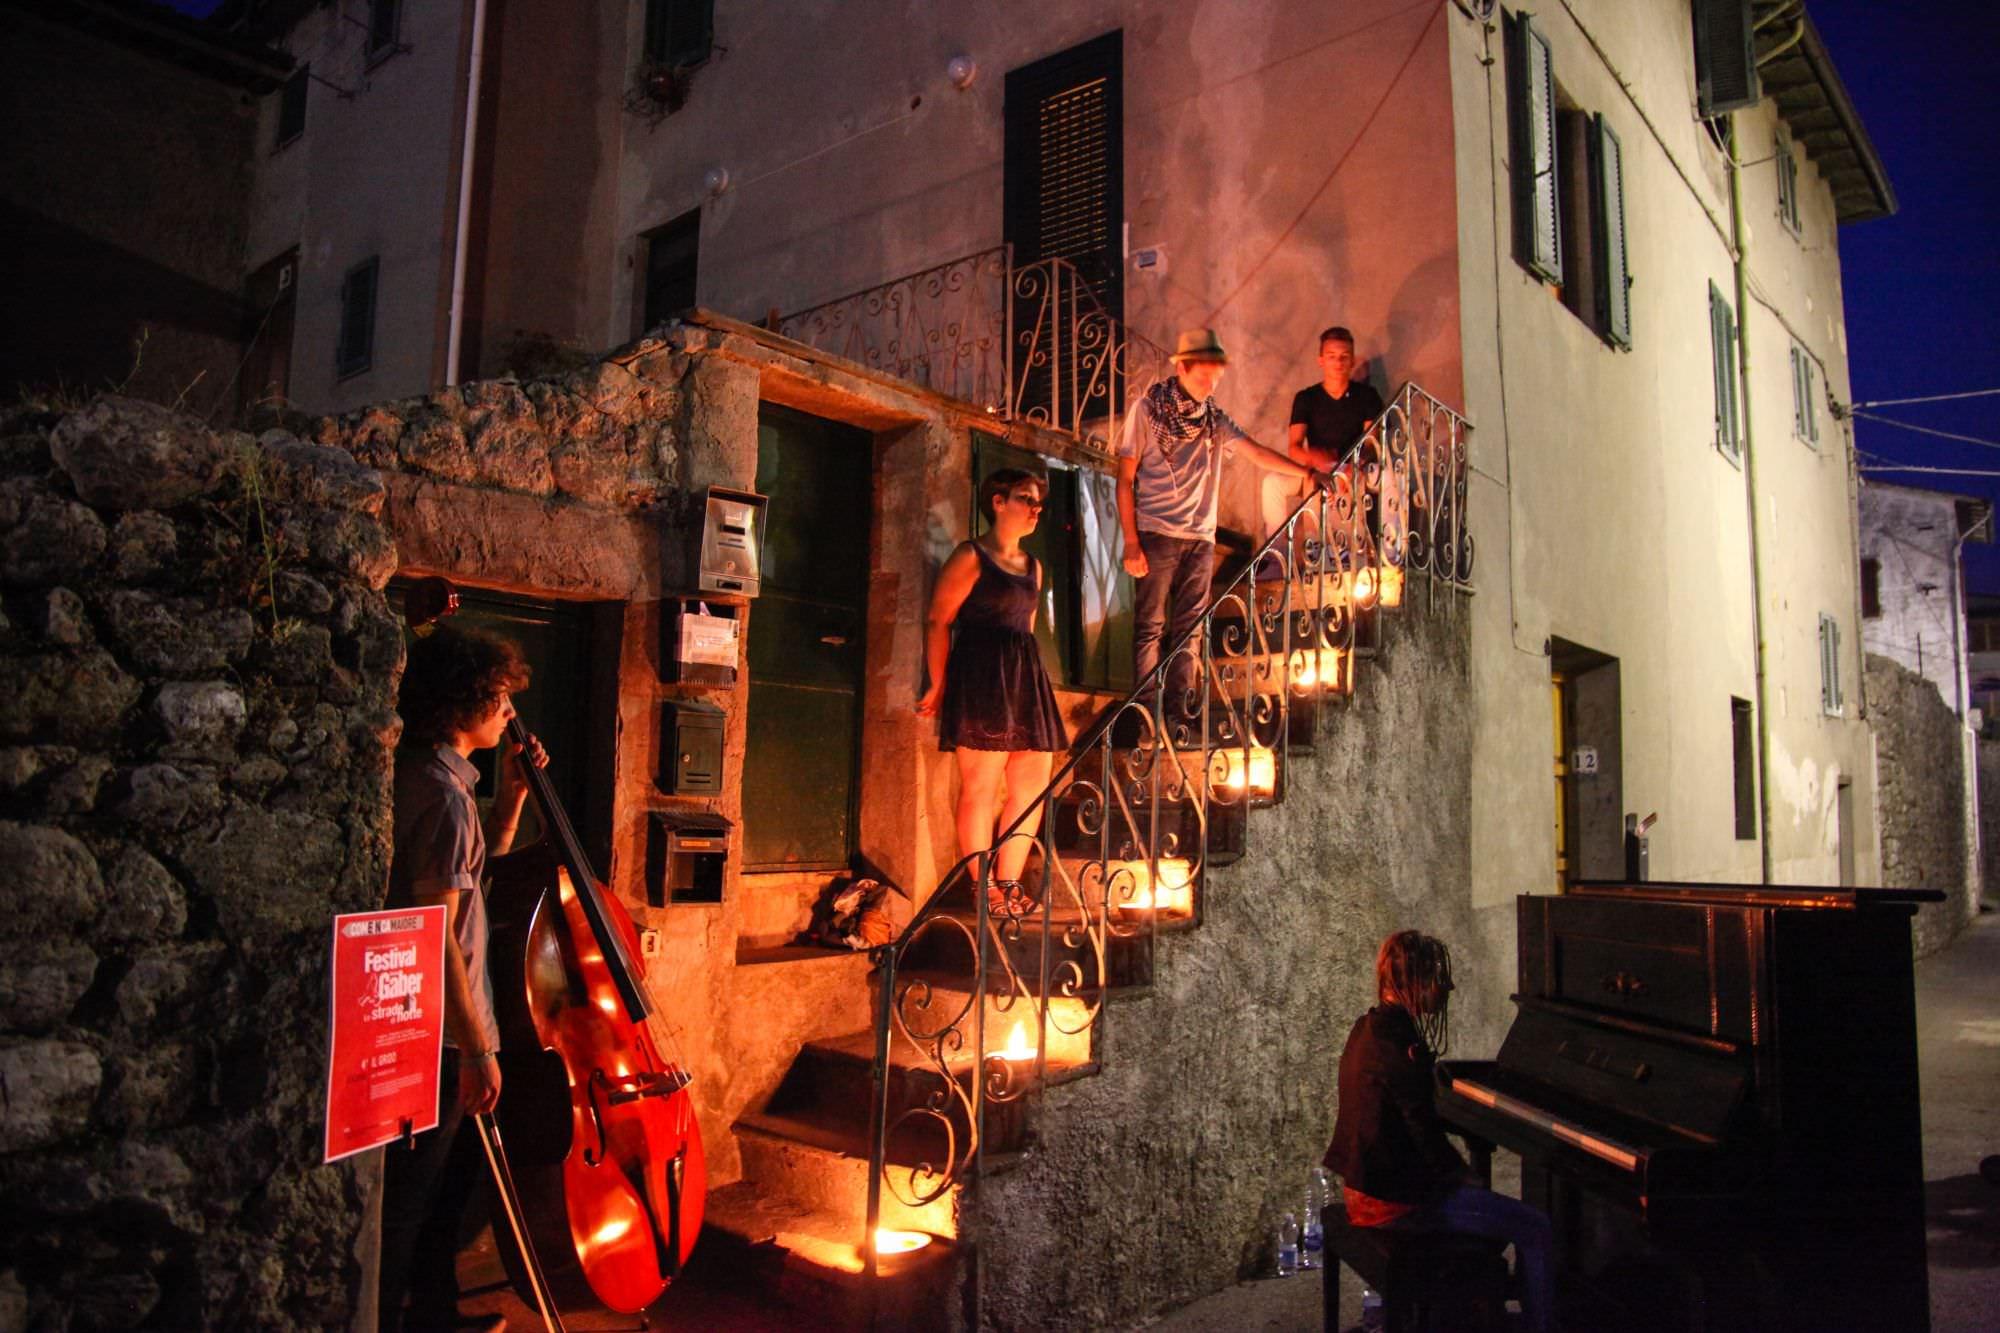 """Festival Gaber a Camaiore, """"Posti a sedere riservati solo alla casta"""""""